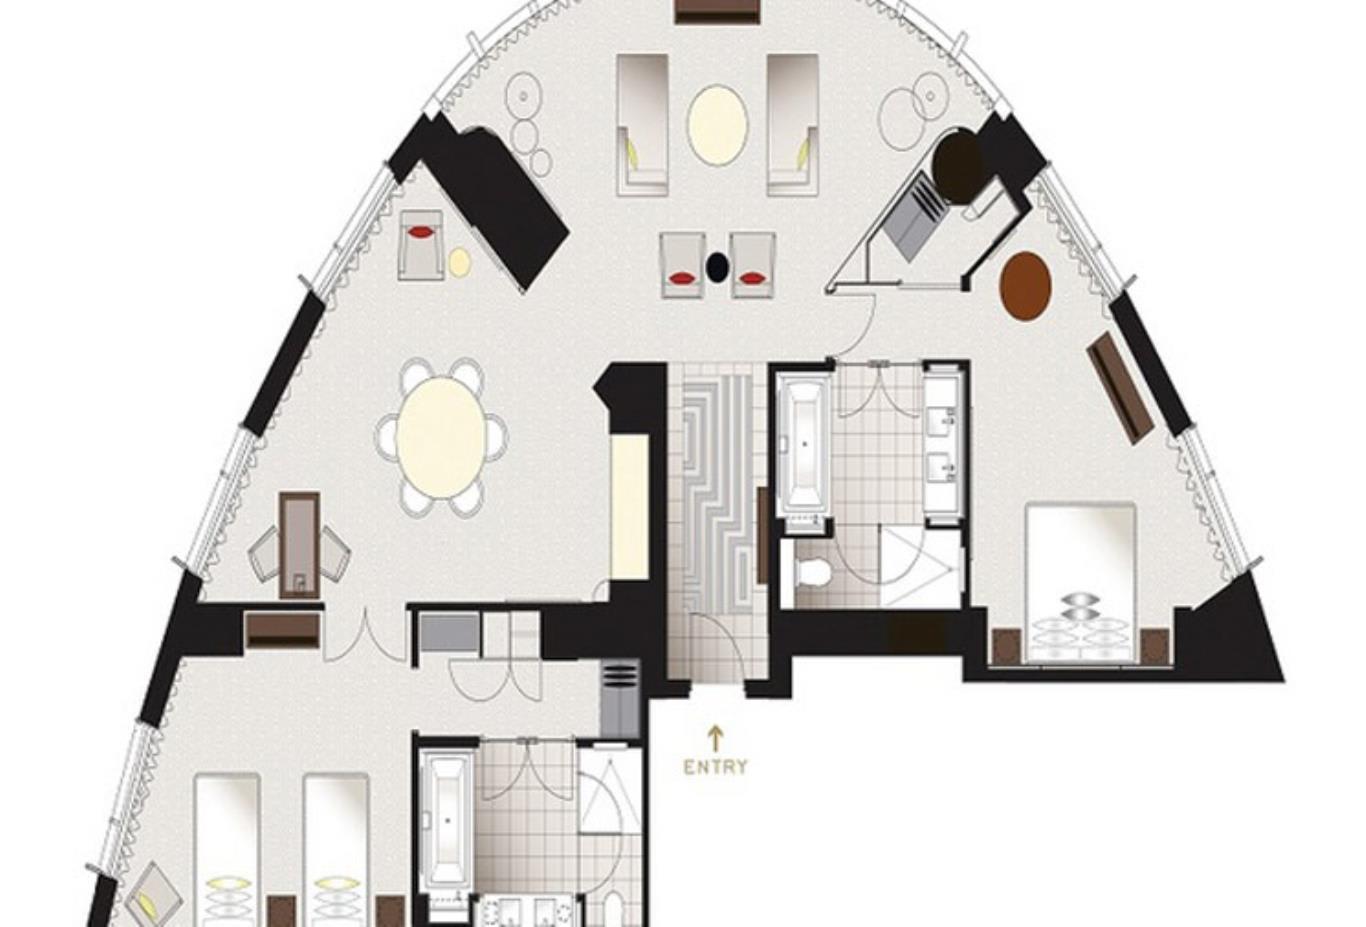 Tower Suite Floorplan